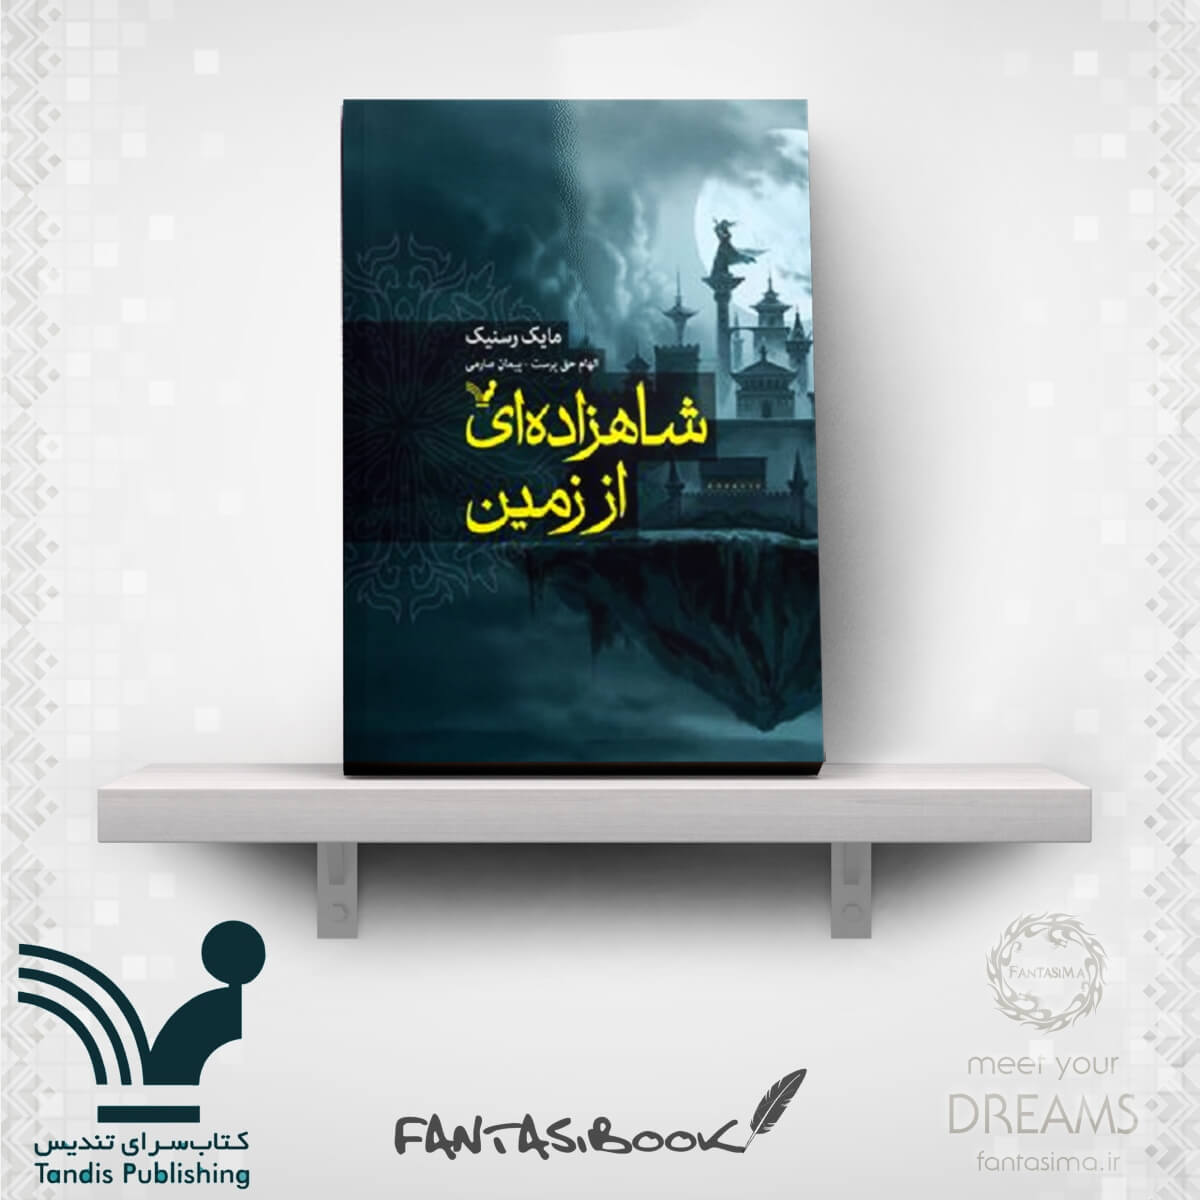 کتاب شاهزادهای از زمین